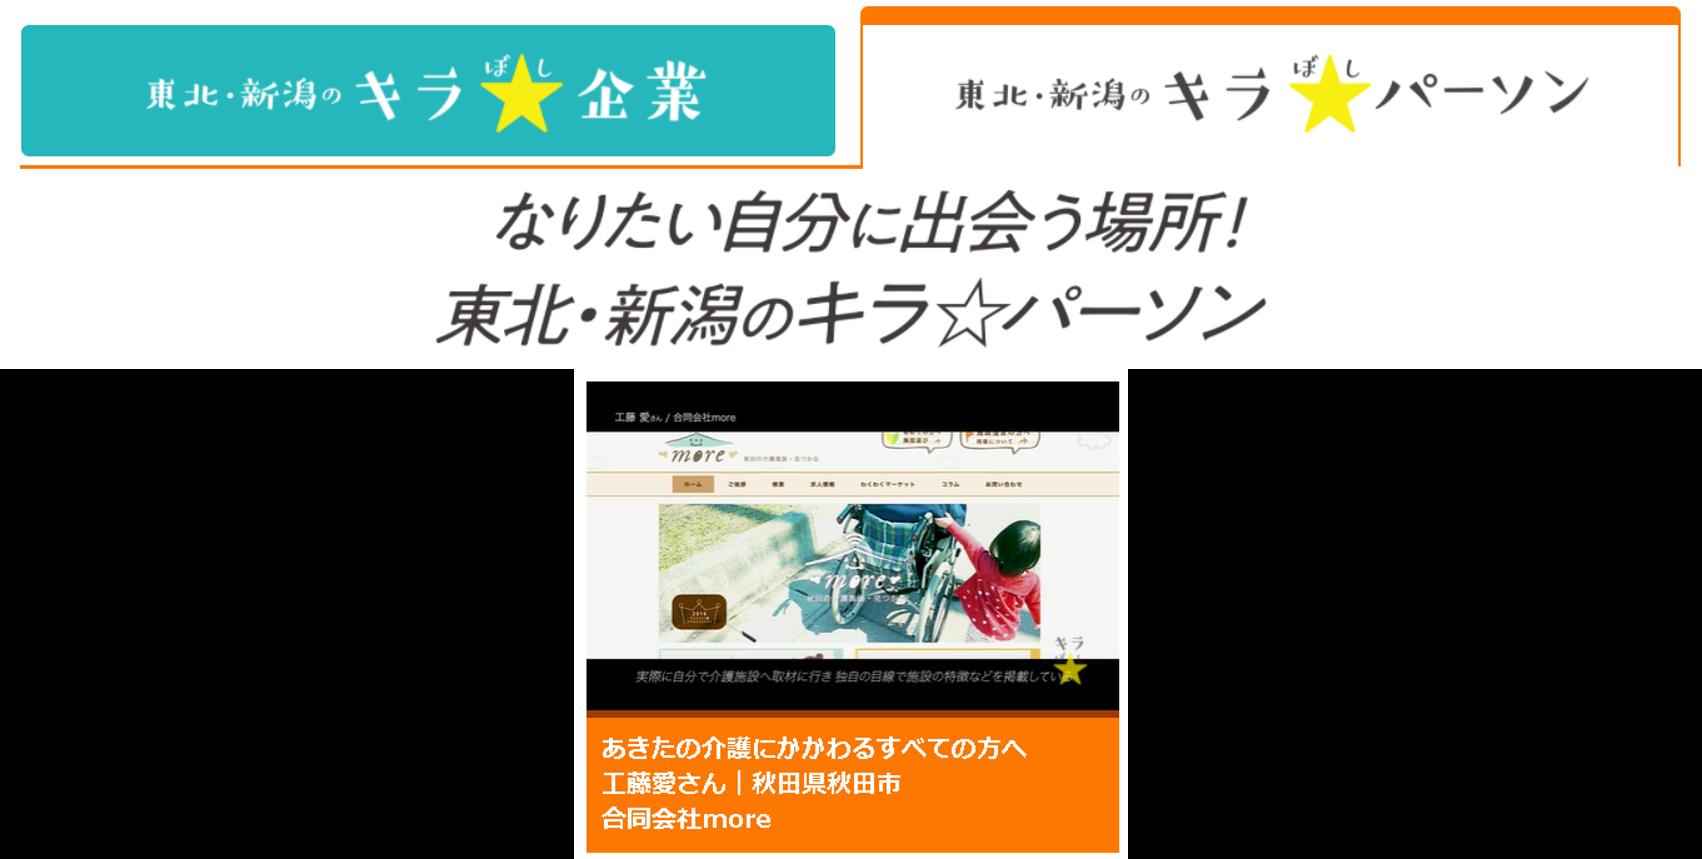 秋田 介護 more 工藤 キラぼし